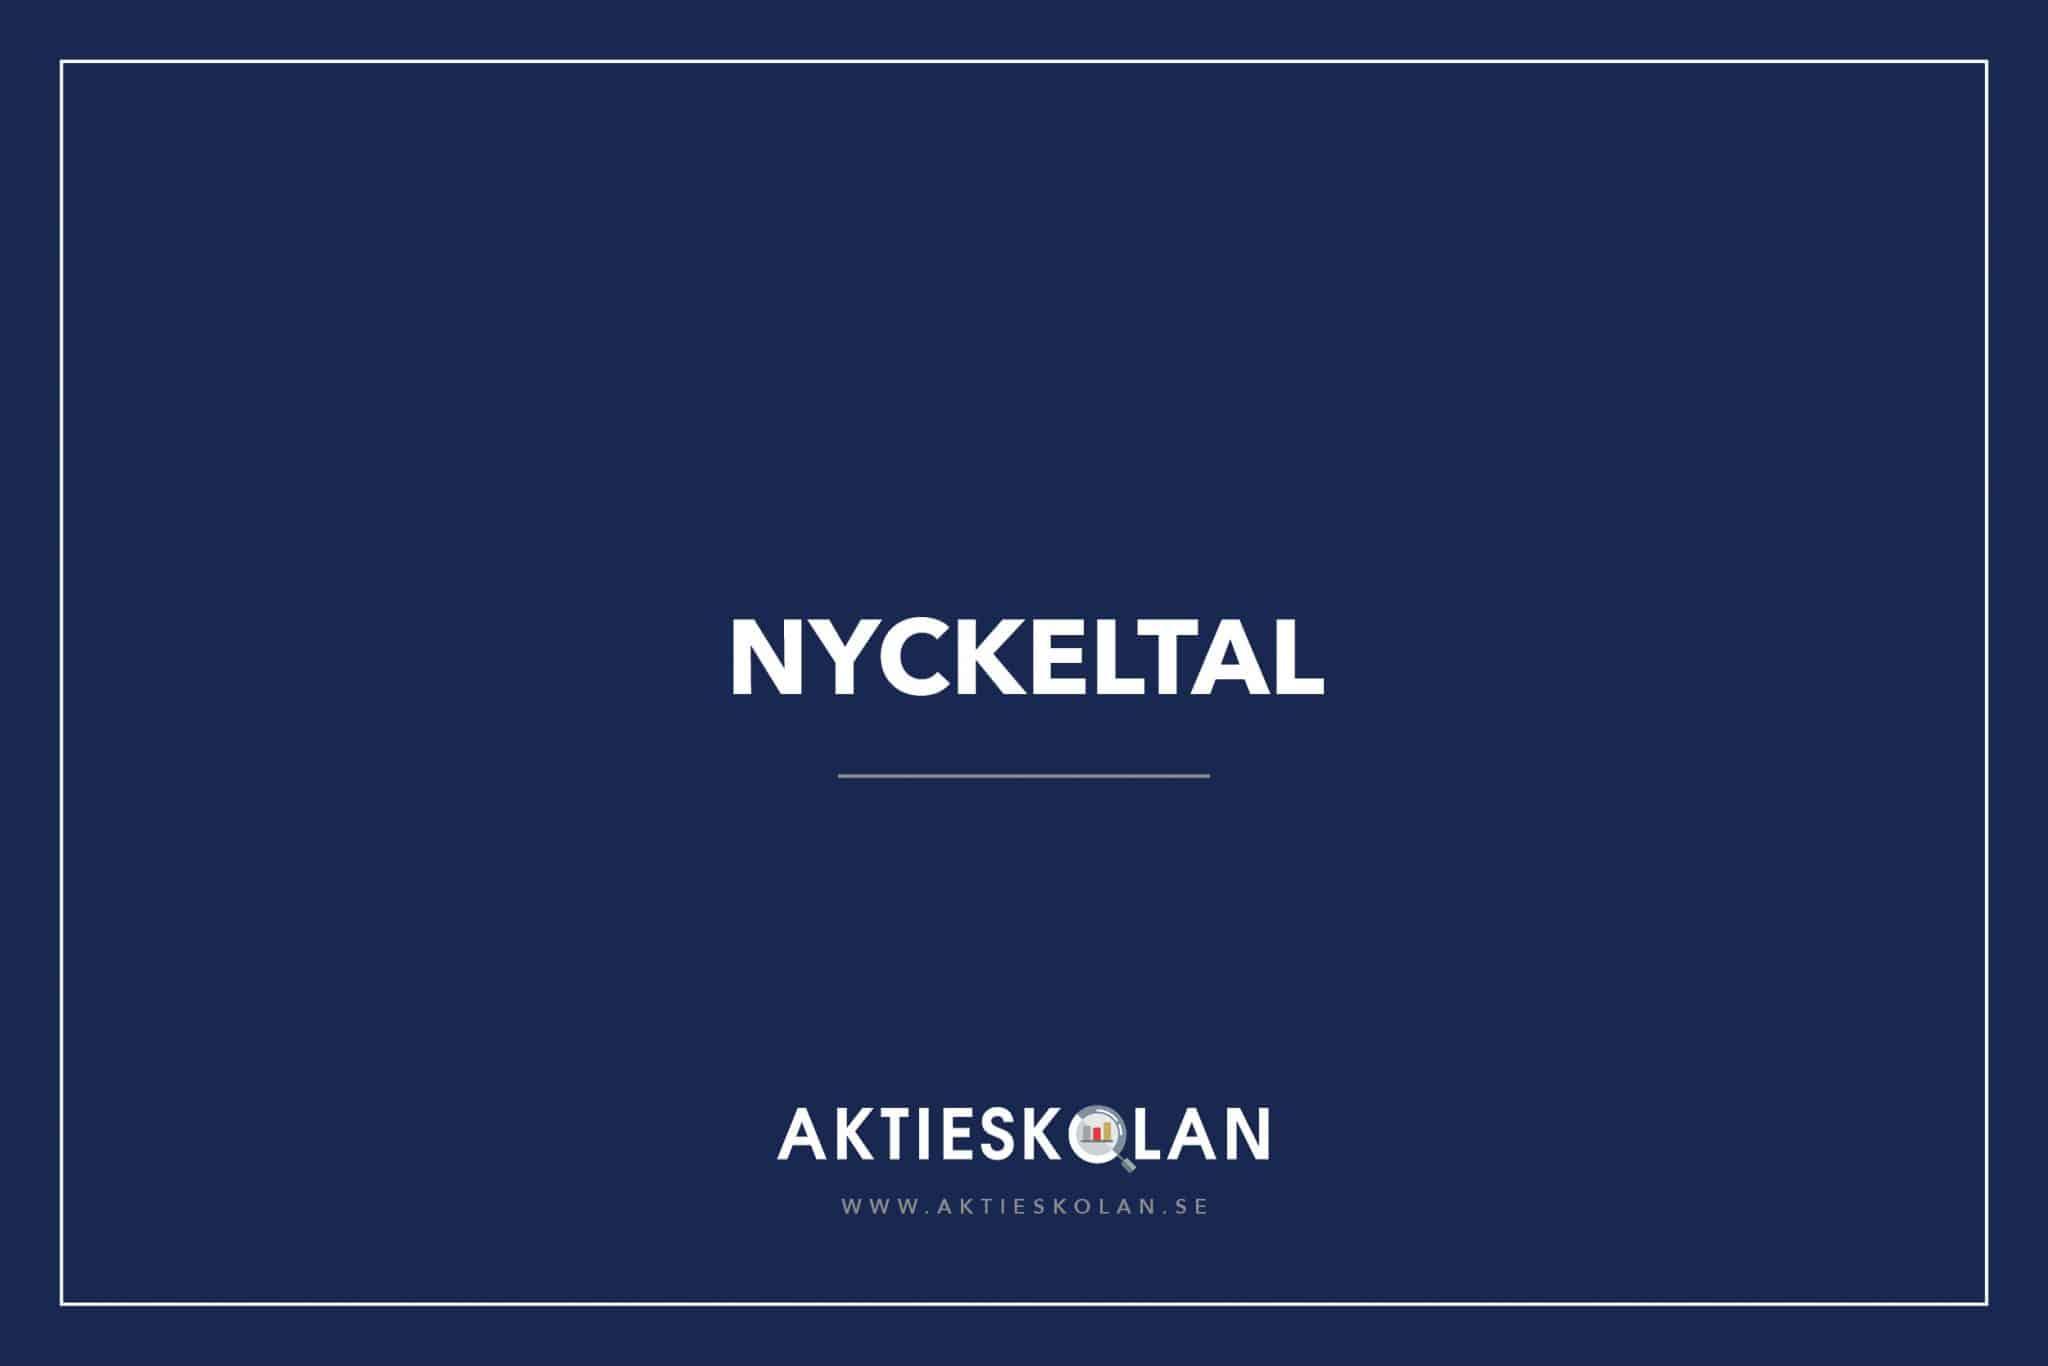 Nyckeltal - Aktieskolan